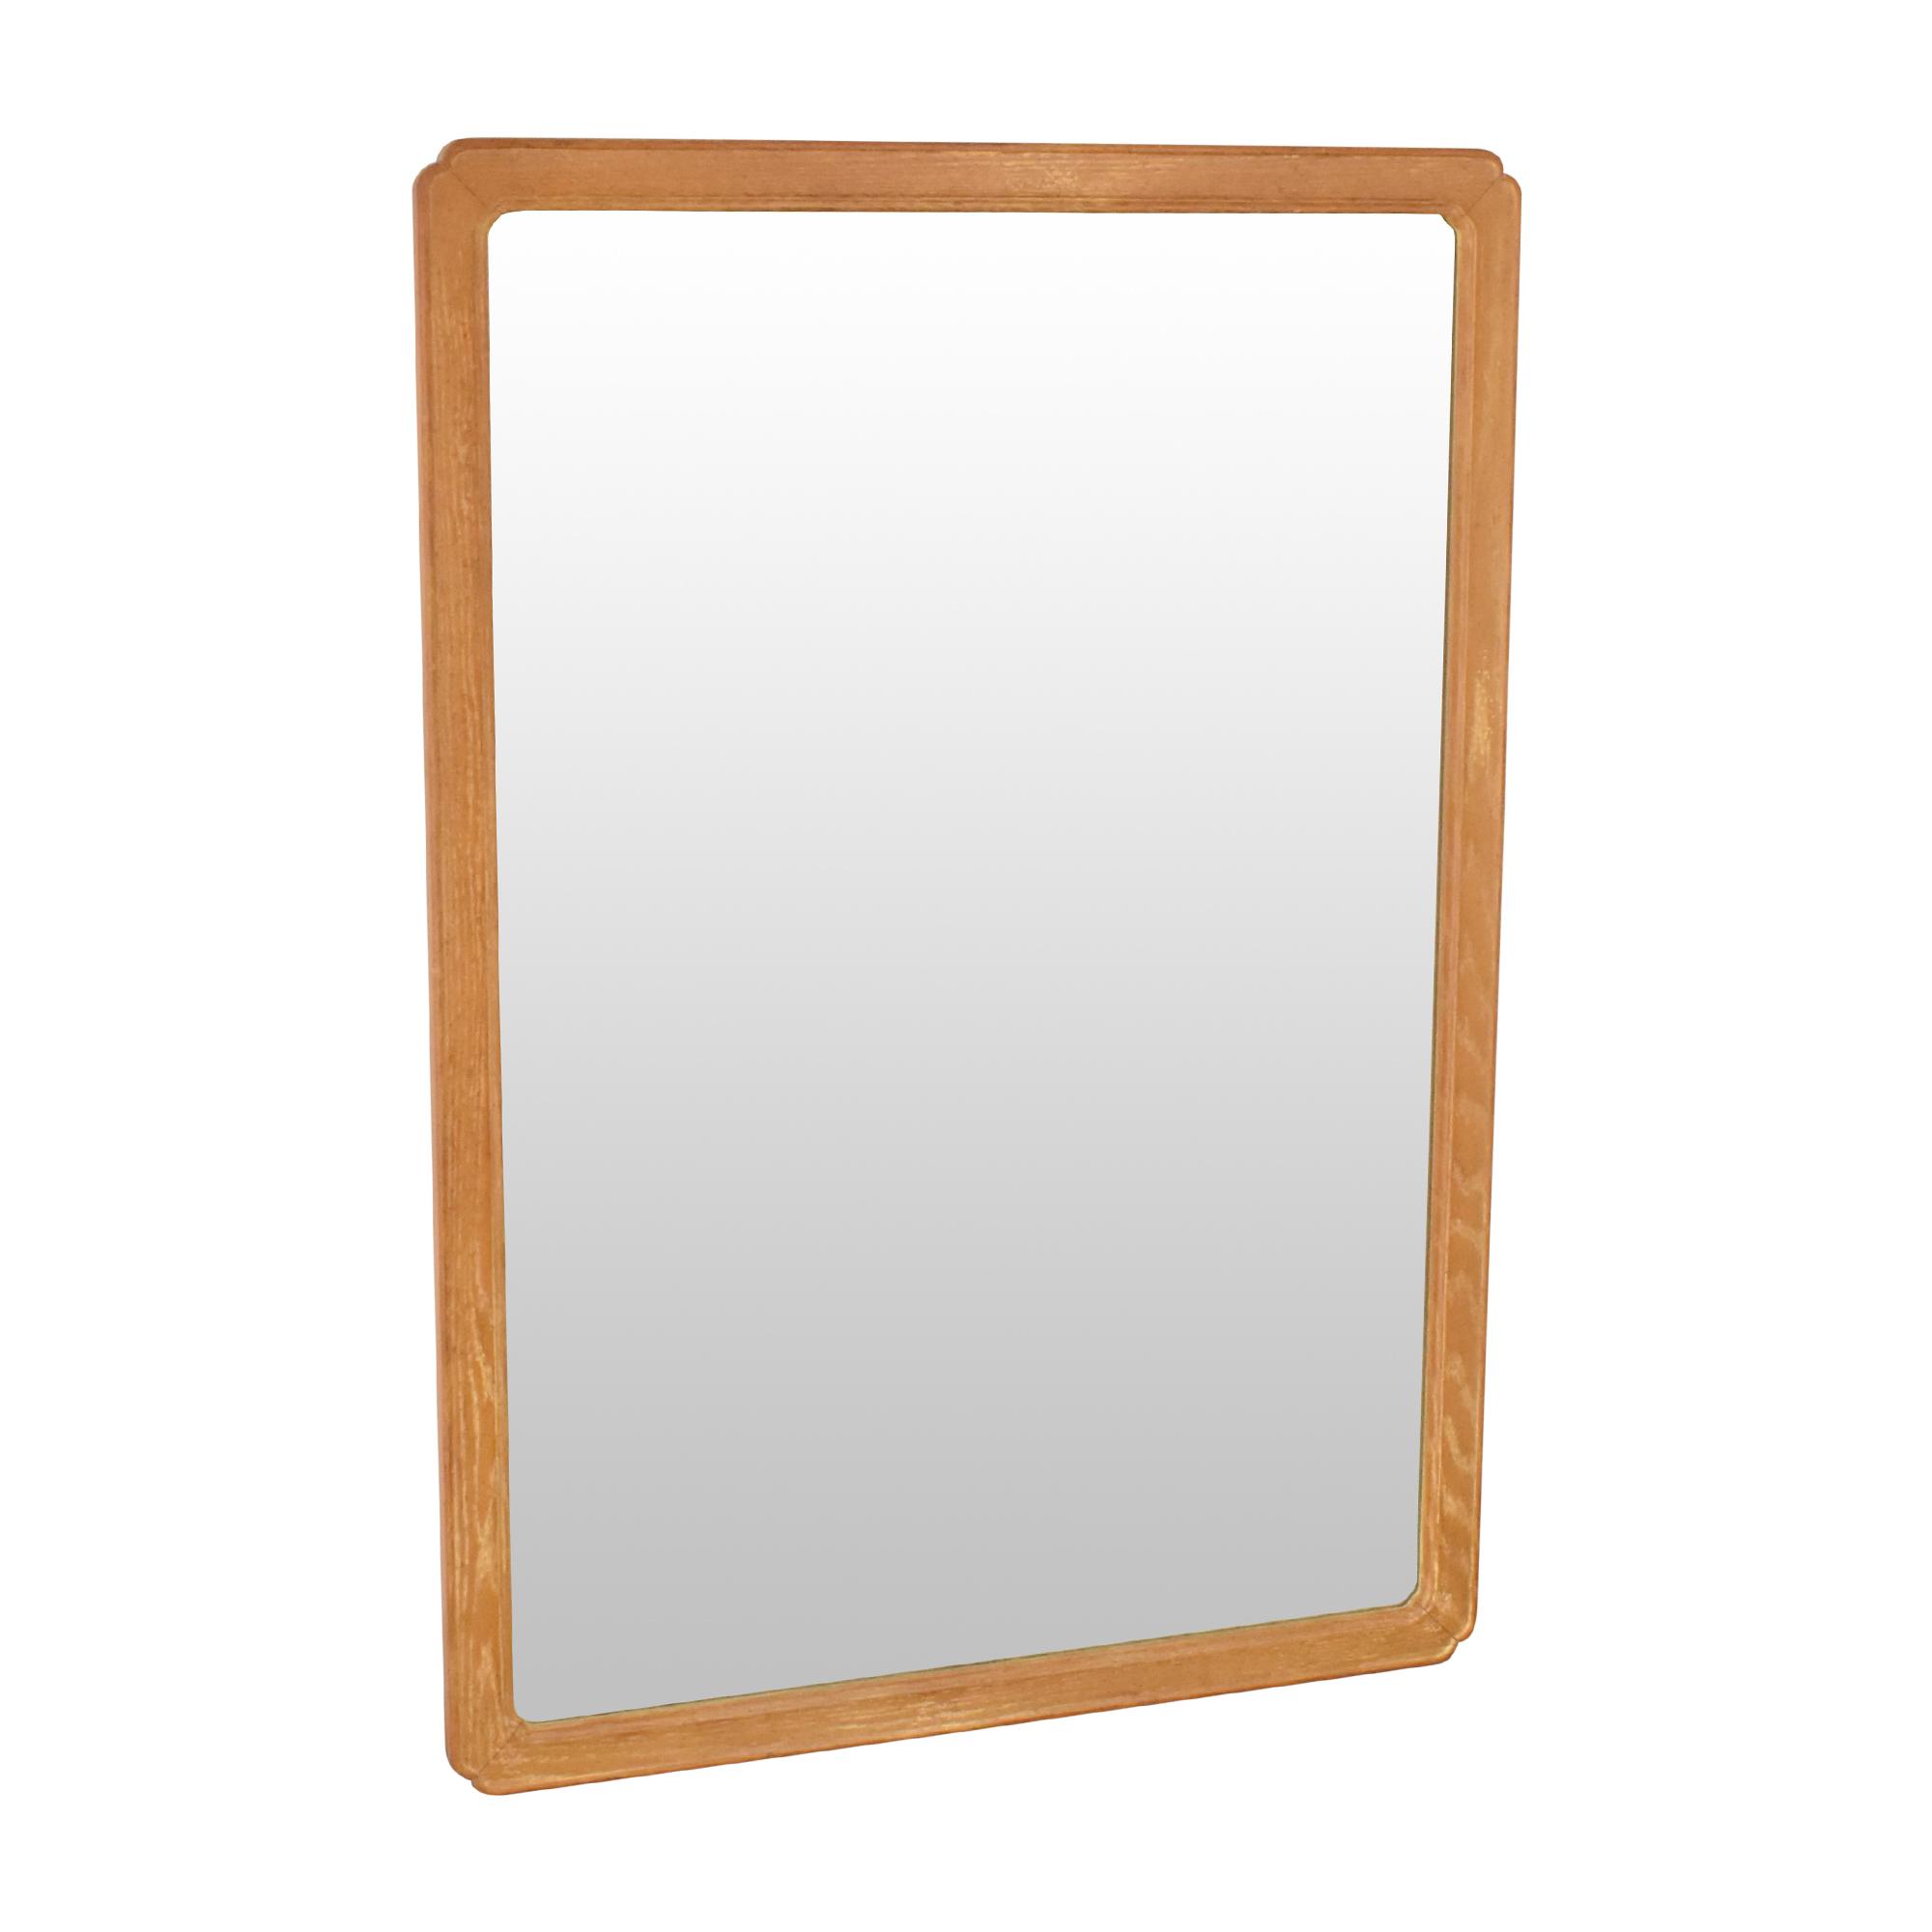 Henredon Framed Mirror / Decor